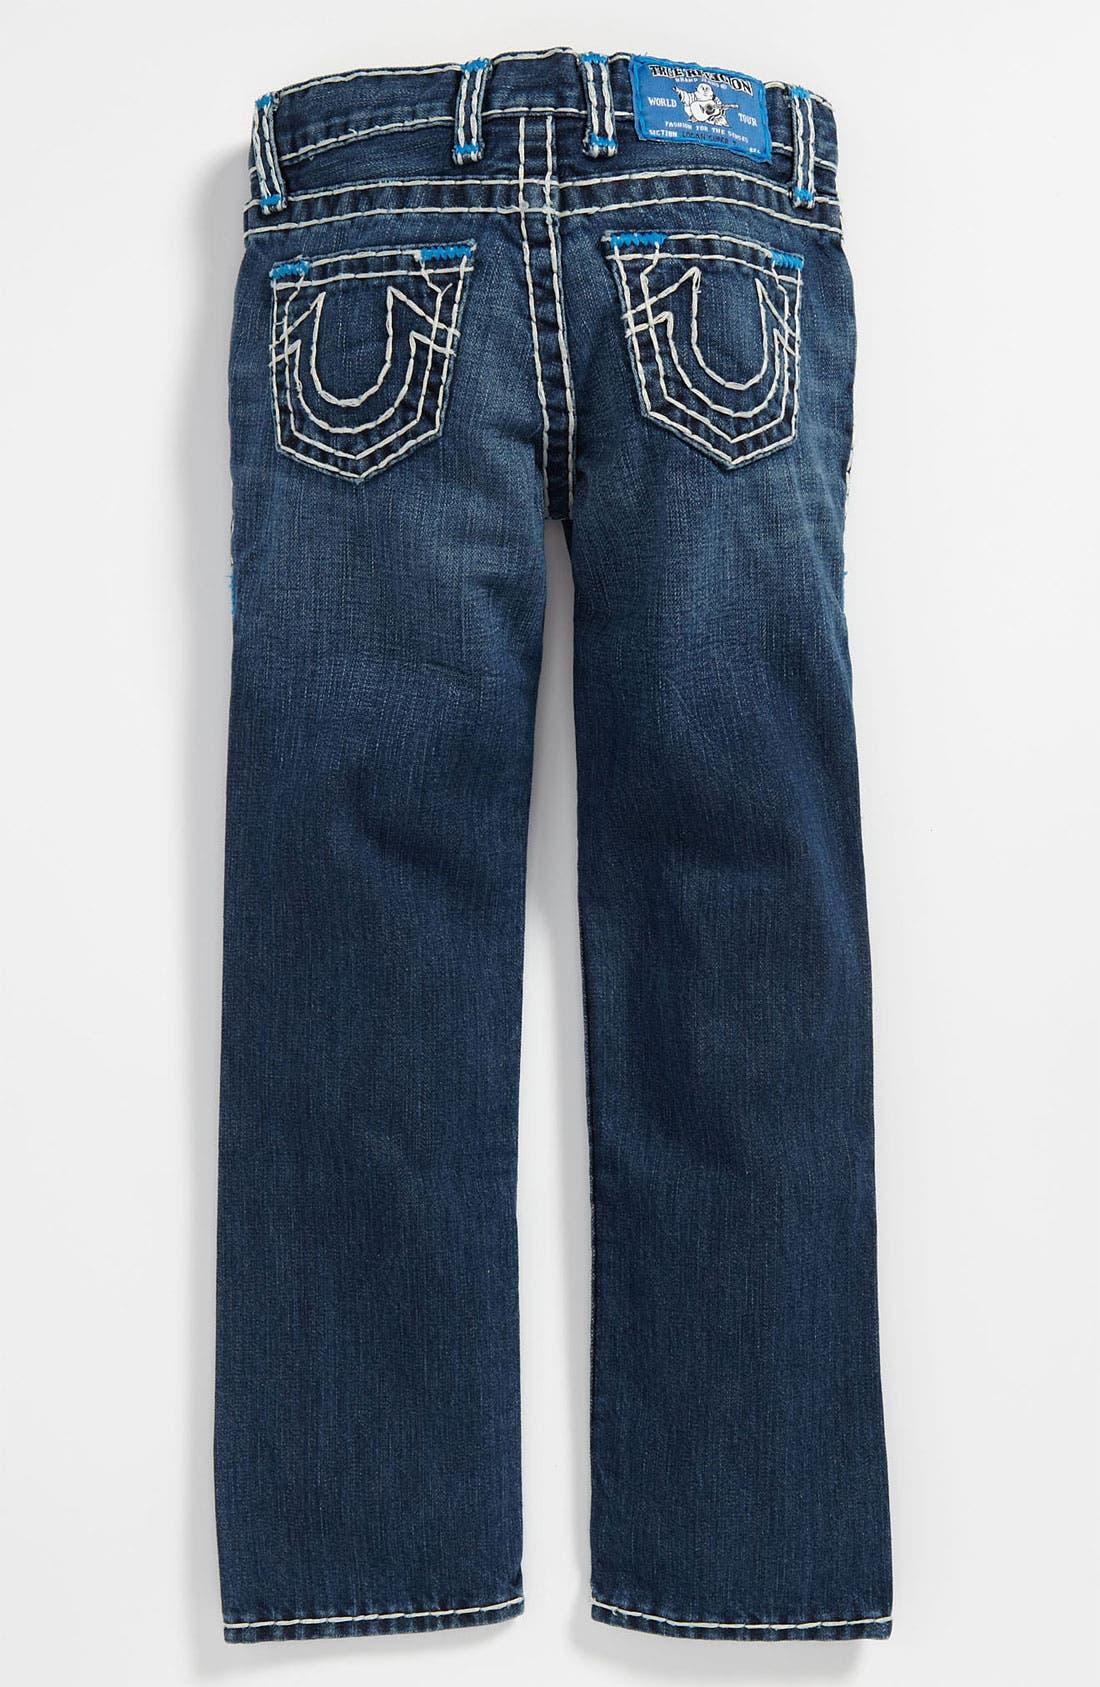 Main Image - True Religion Brand Jeans 'Logan Super T' Jeans (Little Boys)